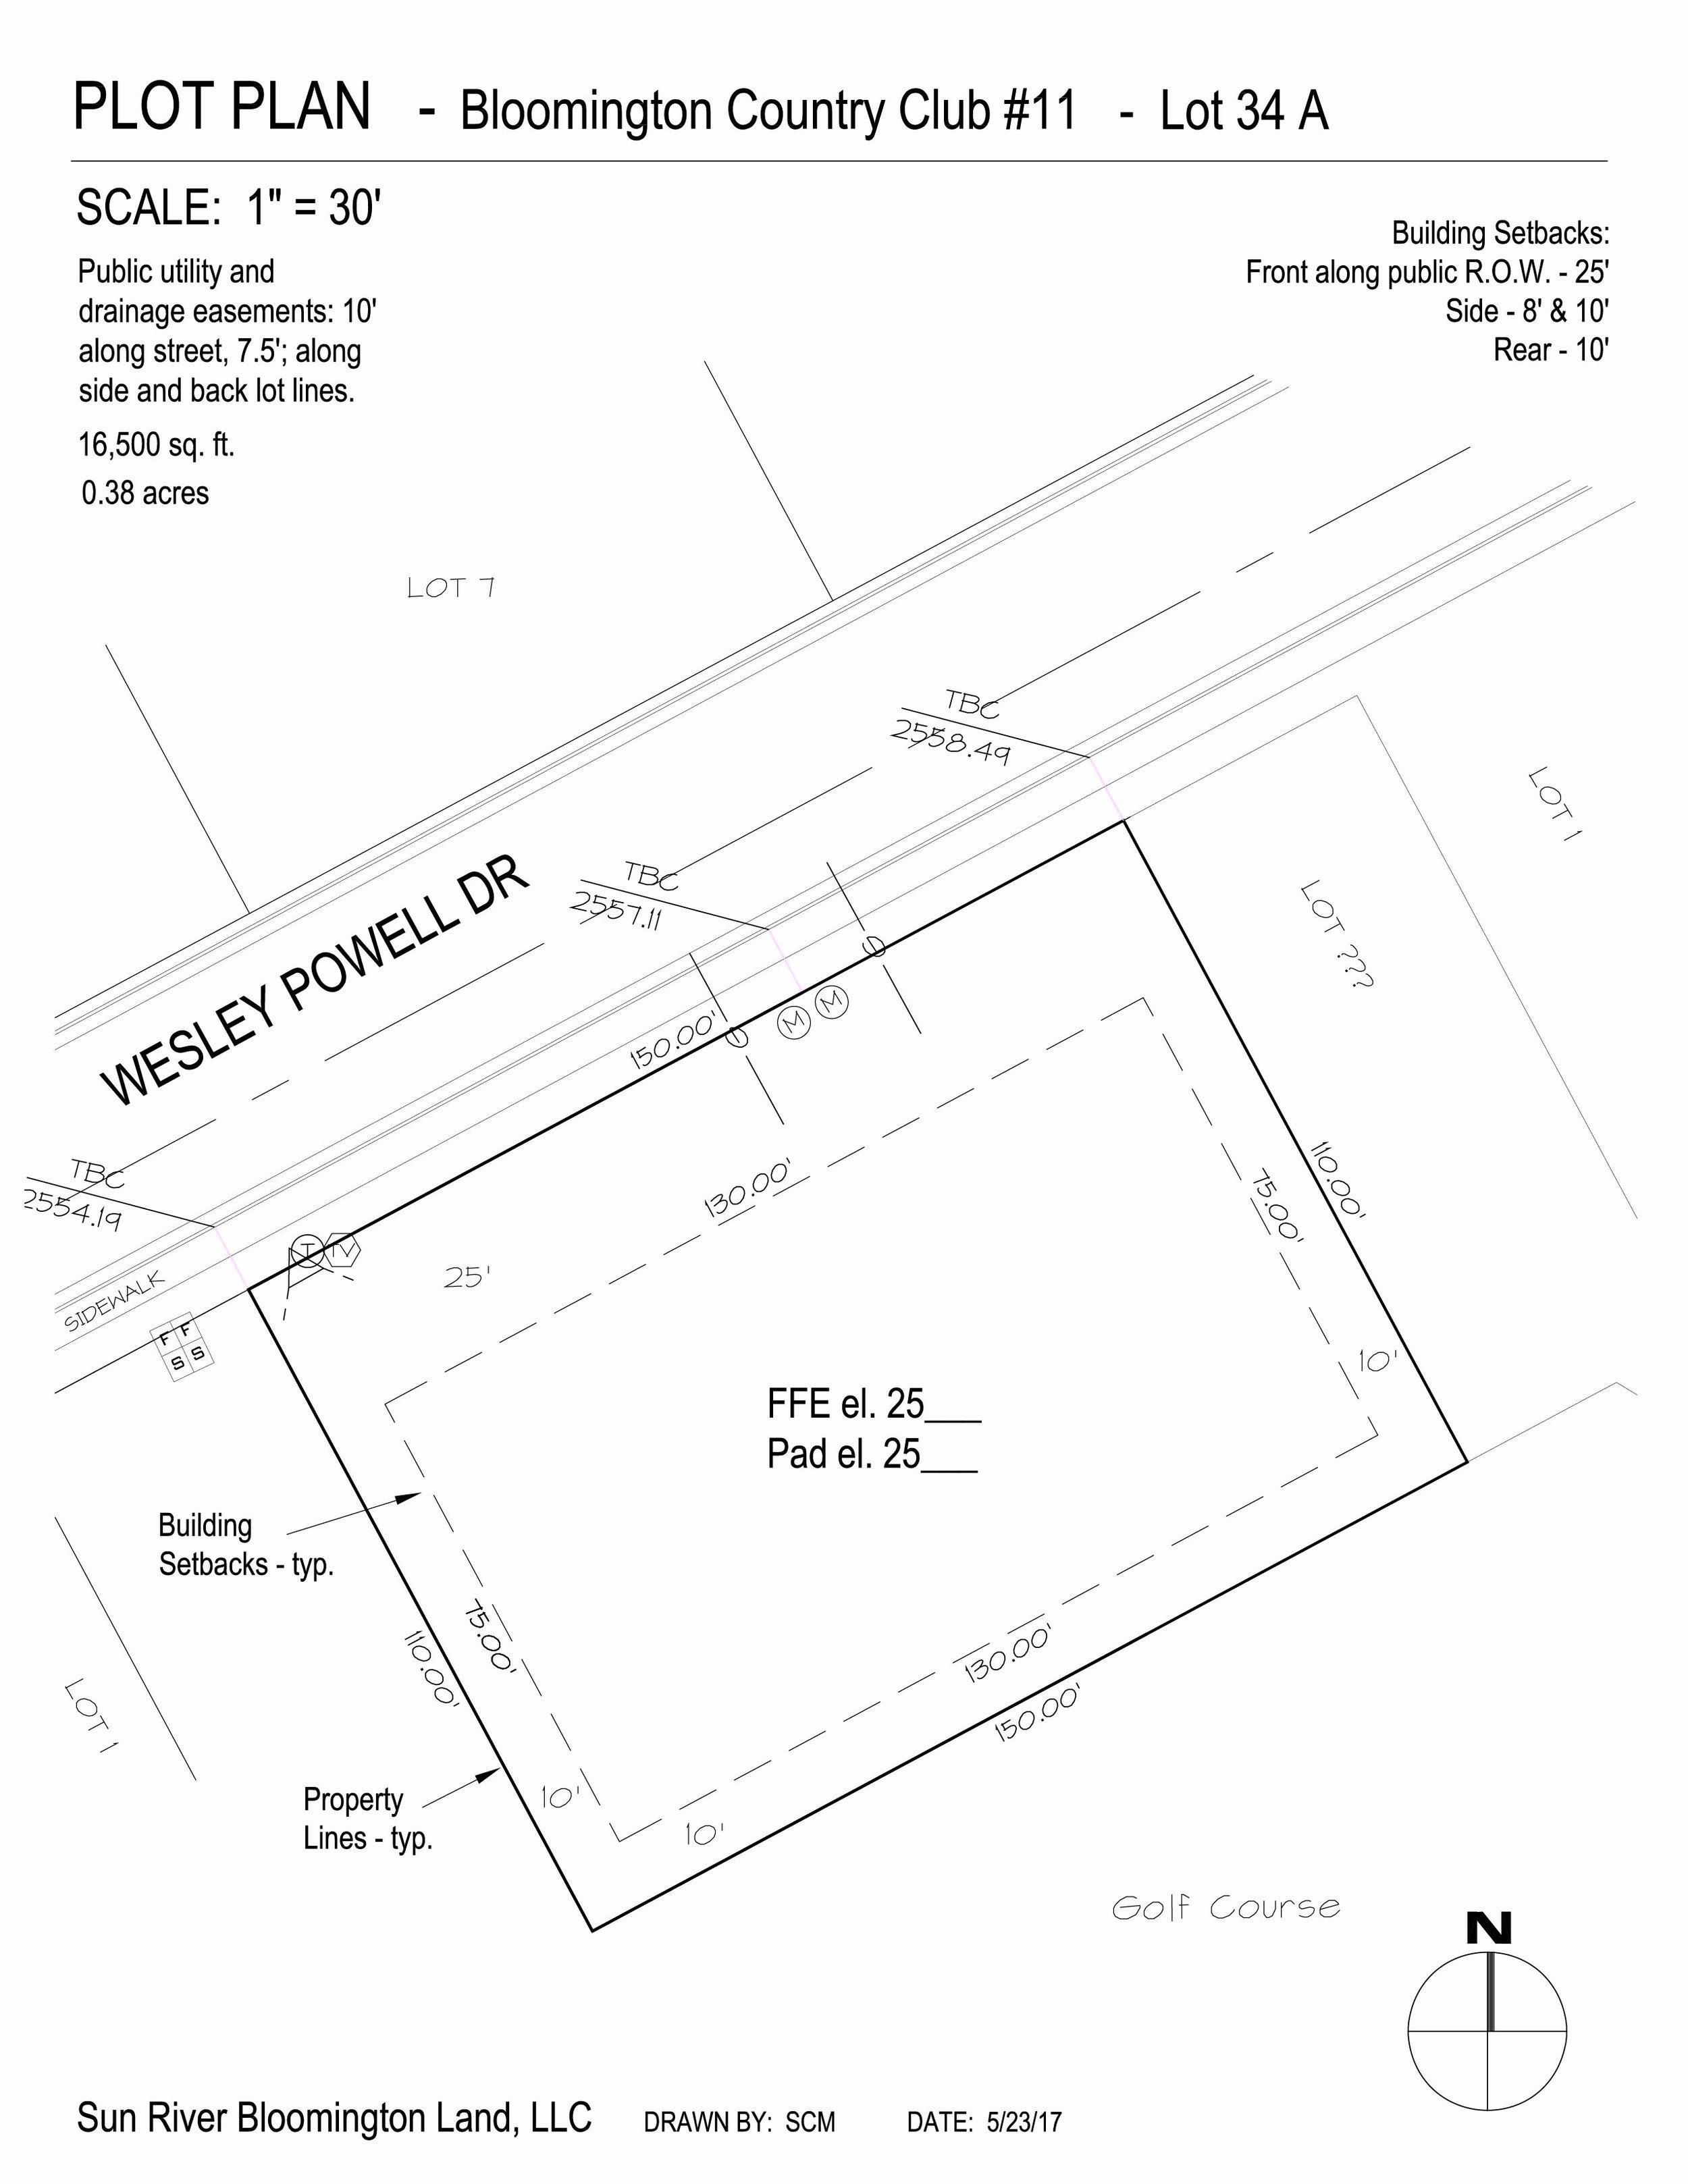 hamblin plot plans-27.jpg